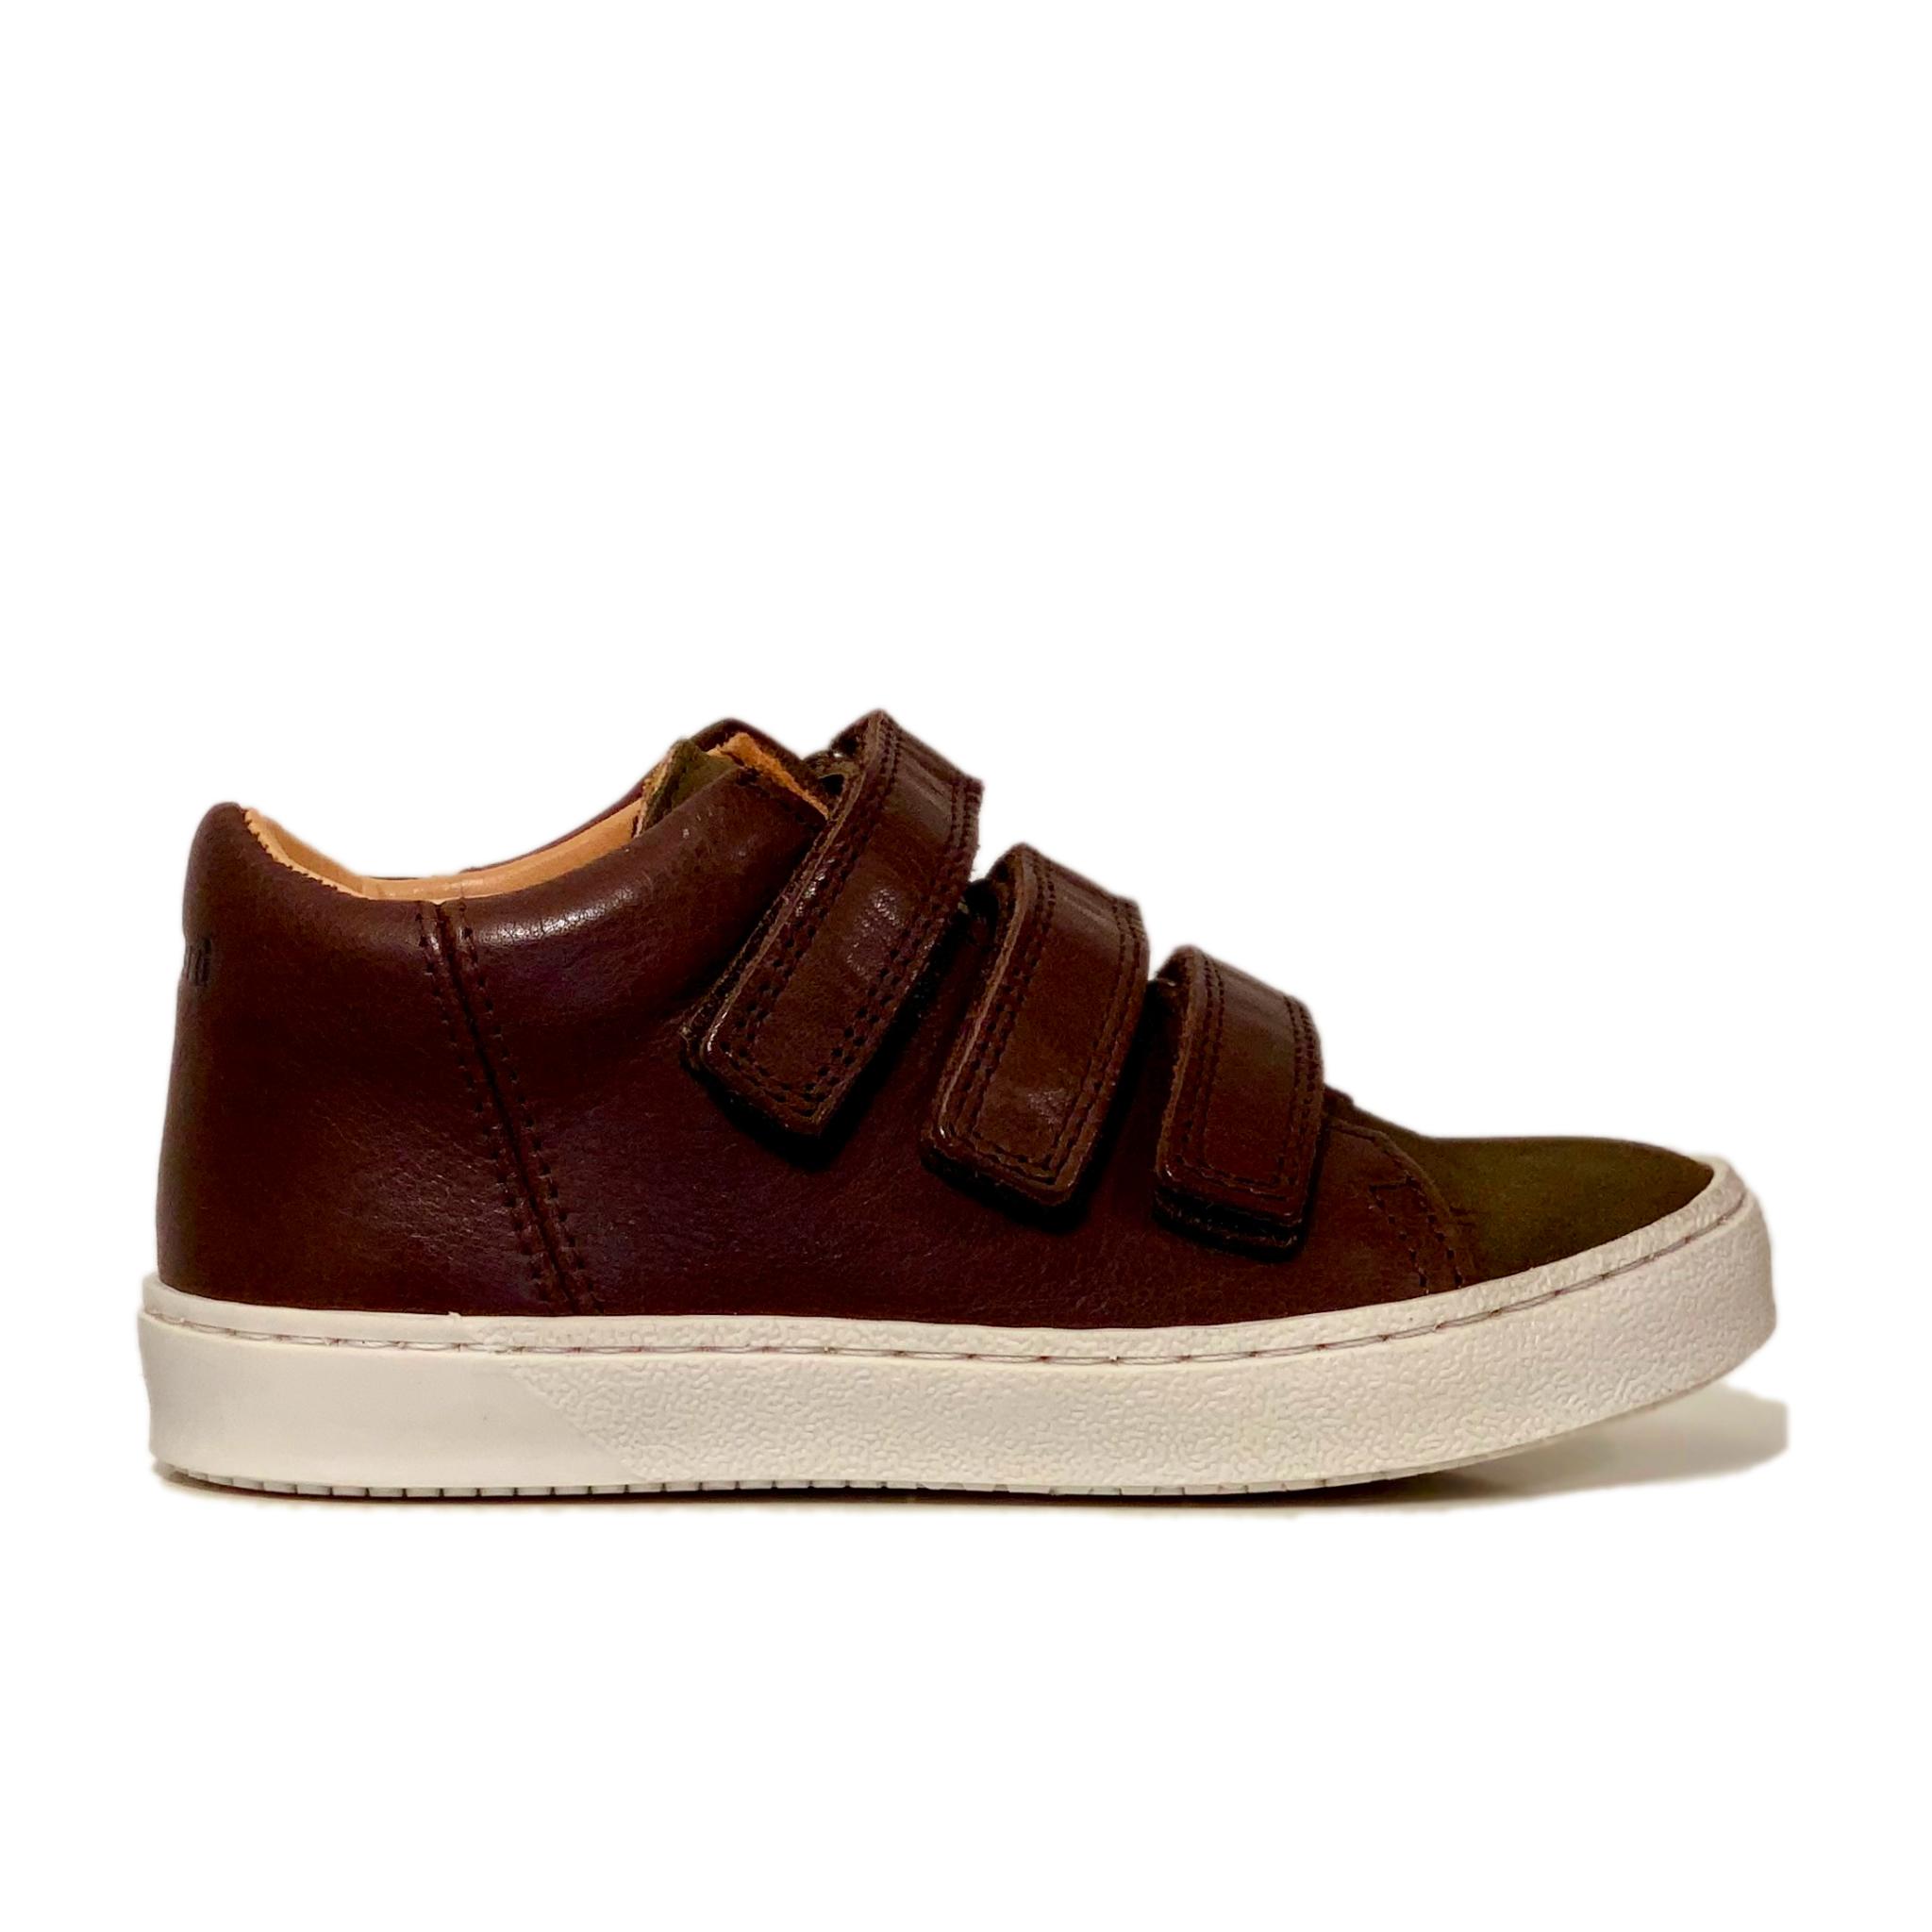 Bisgaard 40721 brown